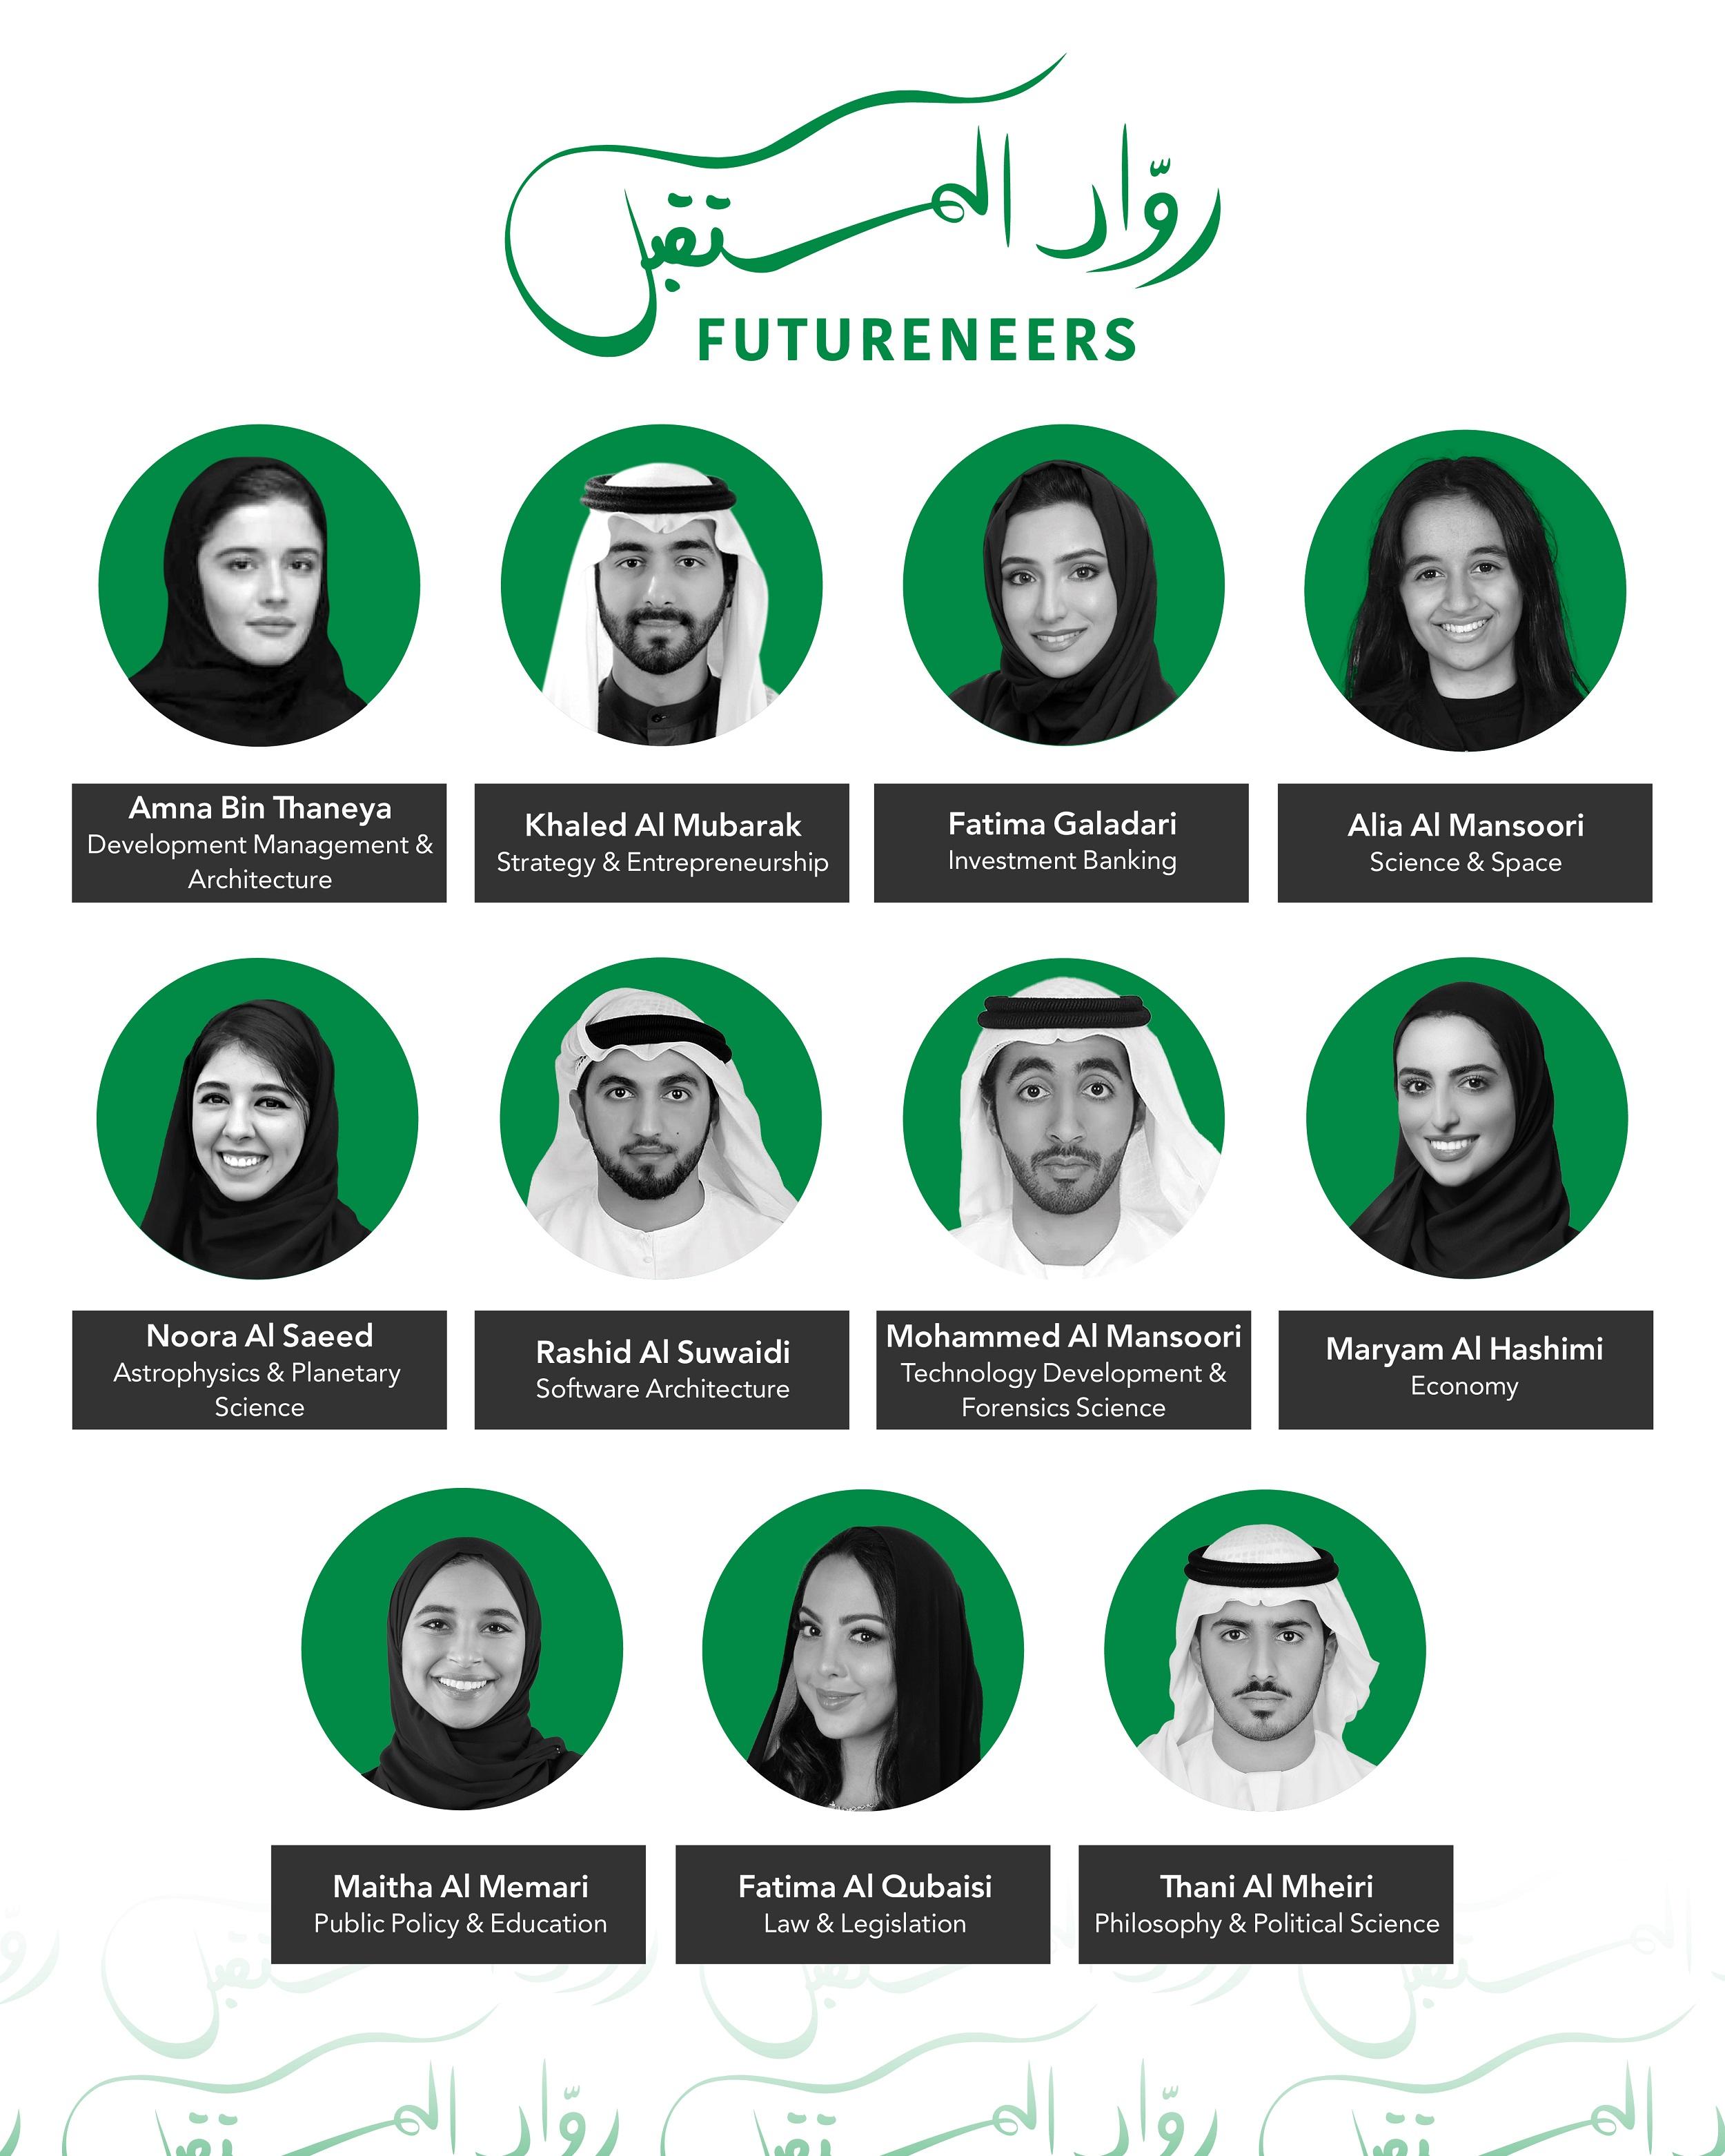 selected futureneers